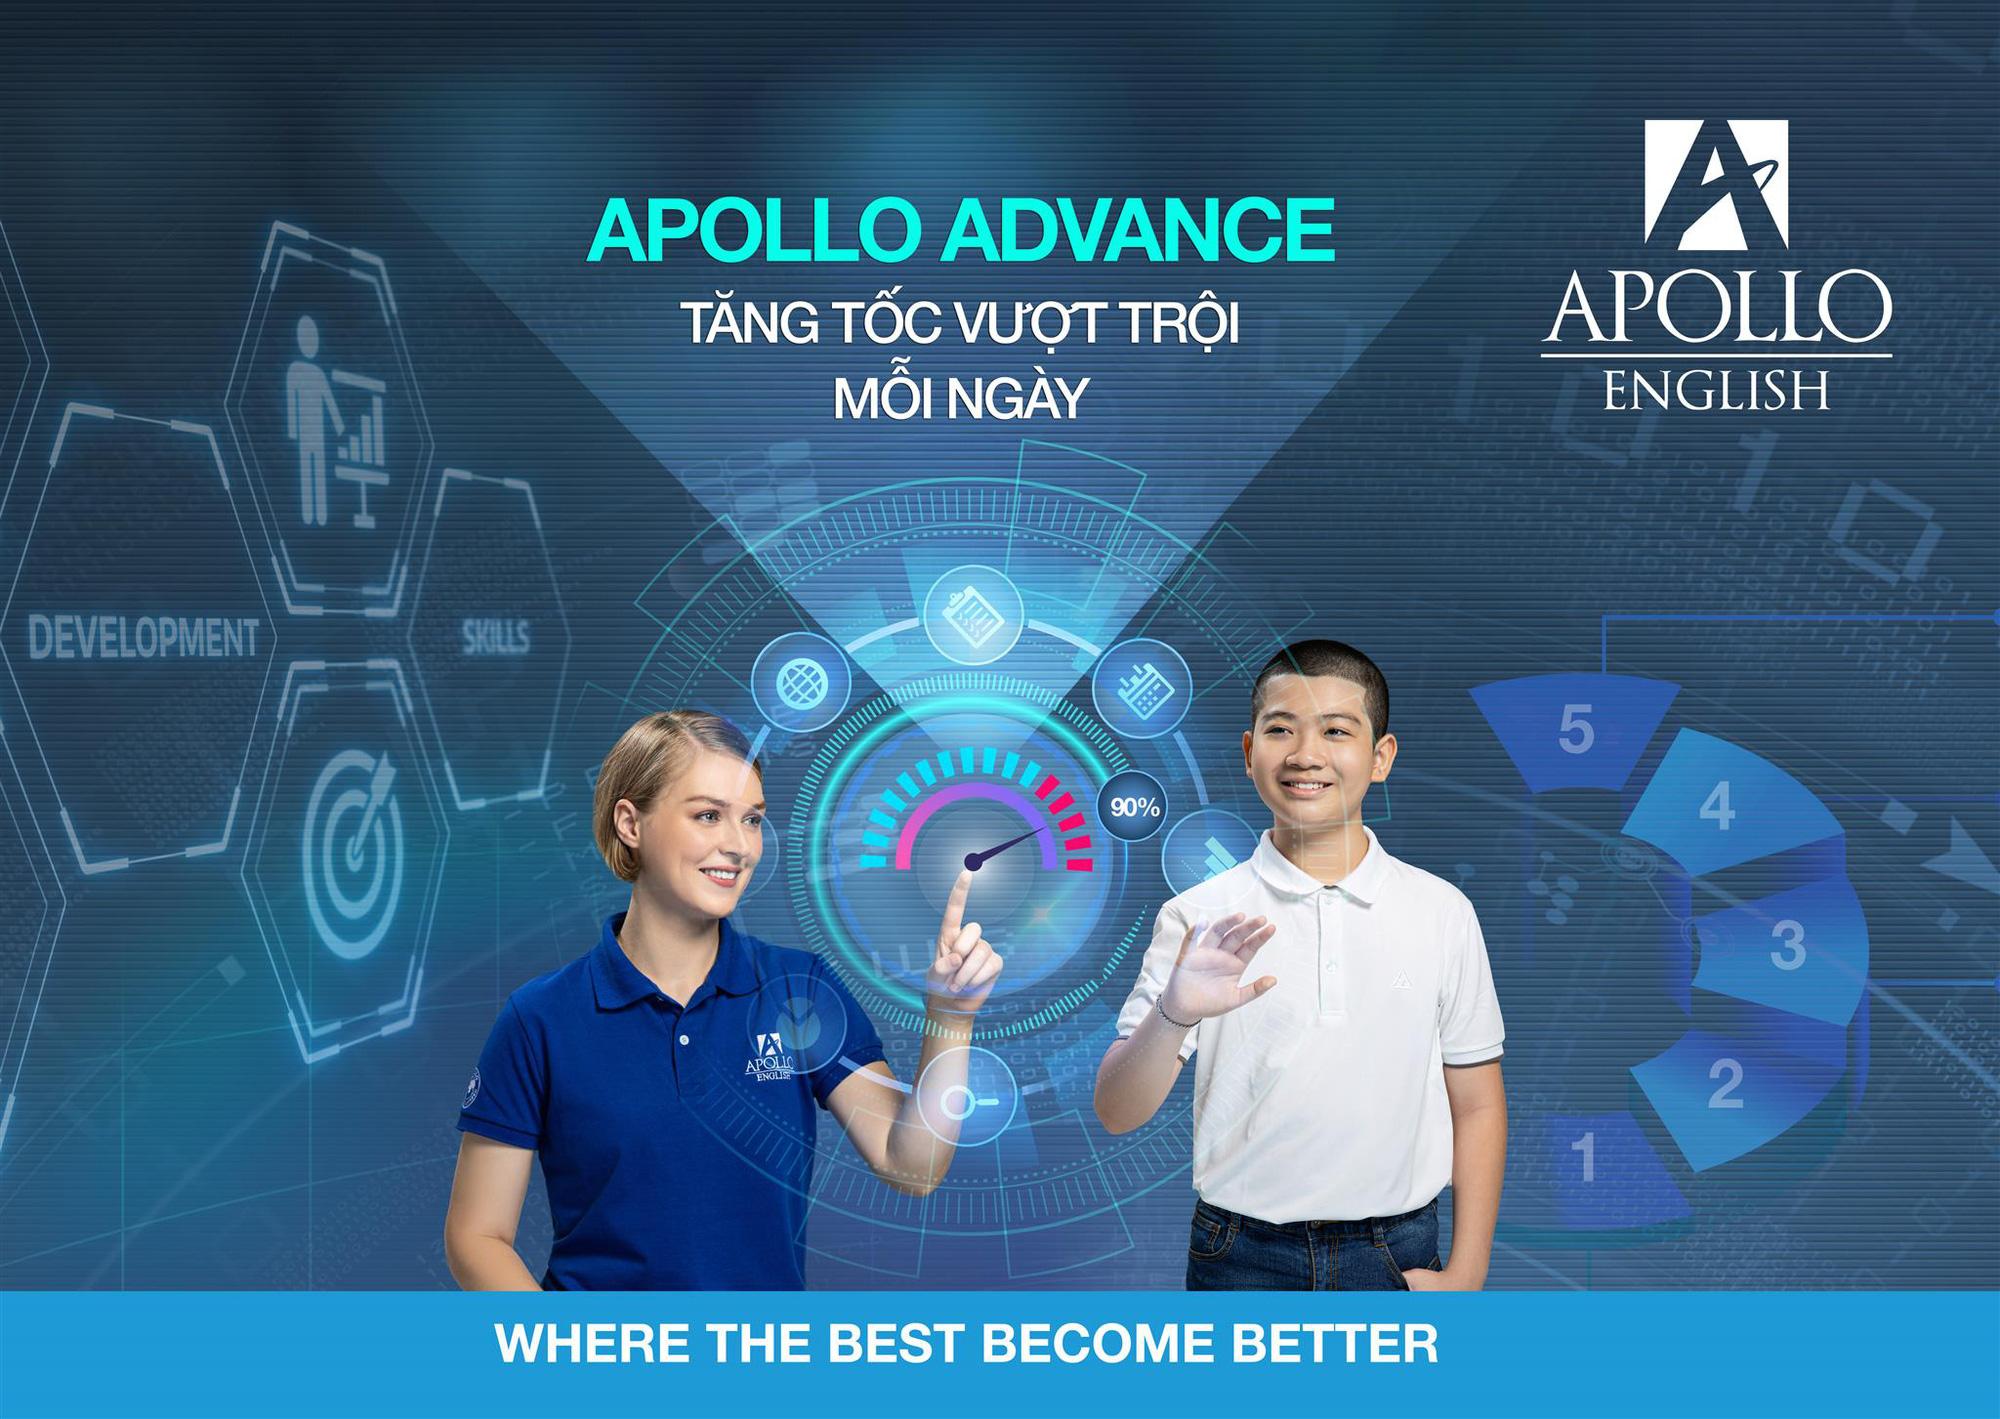 Apollo English thắng giải doanh nghiệp xuất sắc châu Á Thái Bình Dương - APEA 2020 - Ảnh 3.